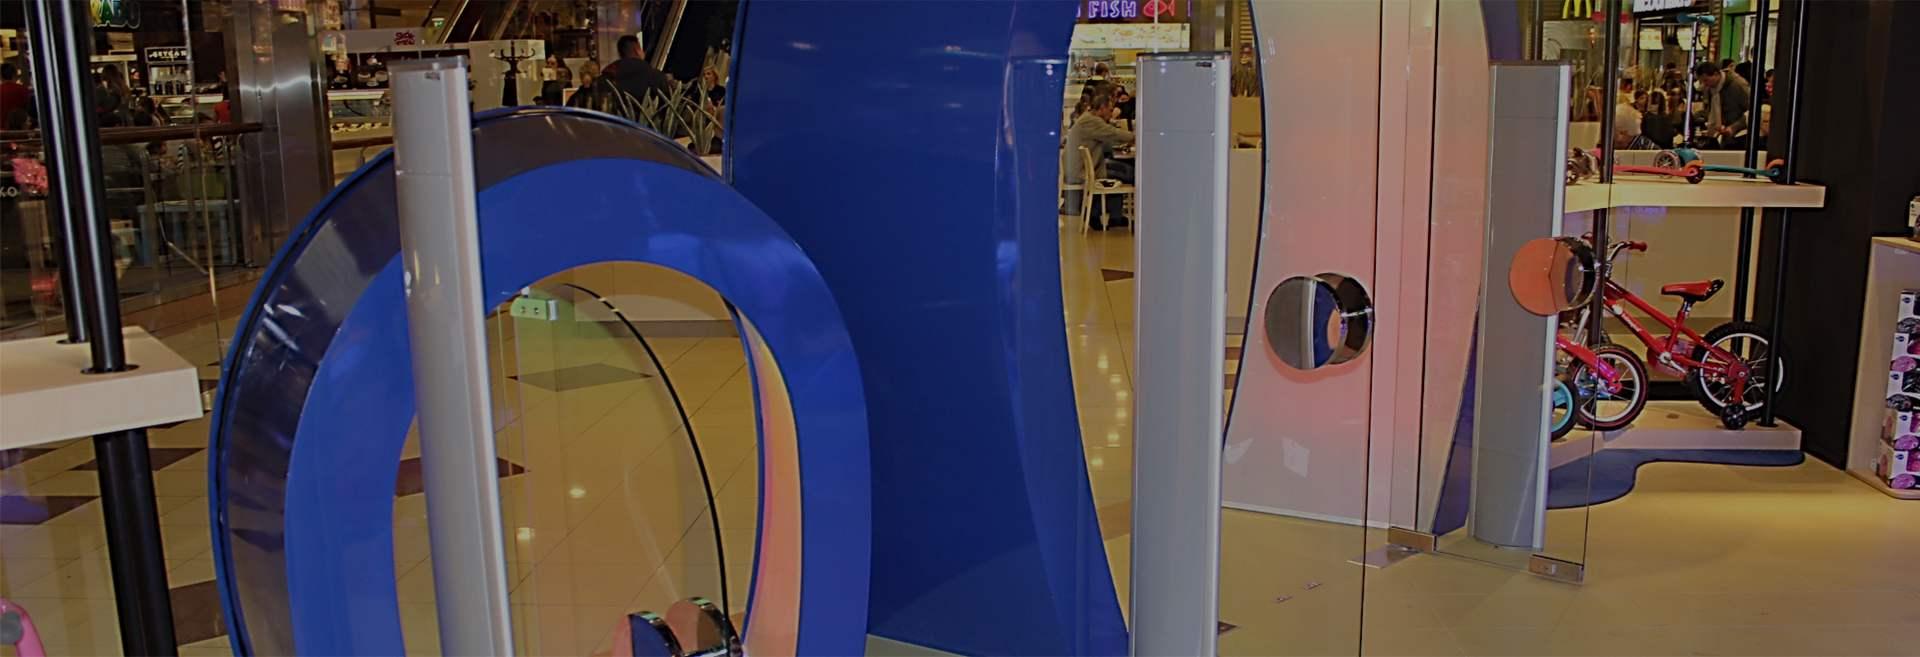 www.armax.waw.pl - bramki antykradzieżowe, monitoring cctv